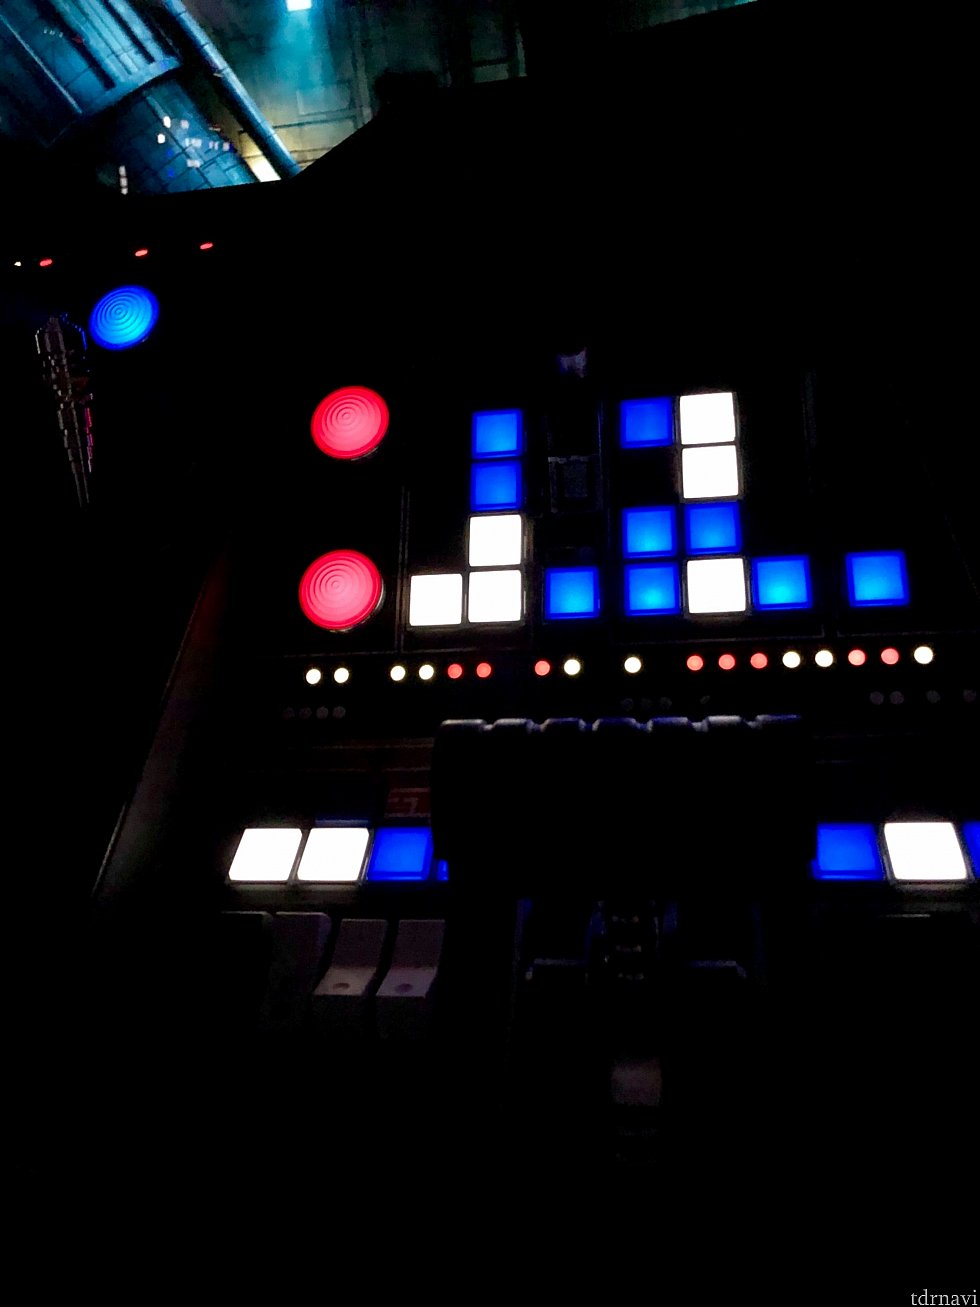 カラフルなボタンはそれぞれ押すと音が出たりします。「このボタンを押して」などの指示が音声で出されますが、どれを操作するかは光って分かりやすくなっていますので、操作はとっても簡単。